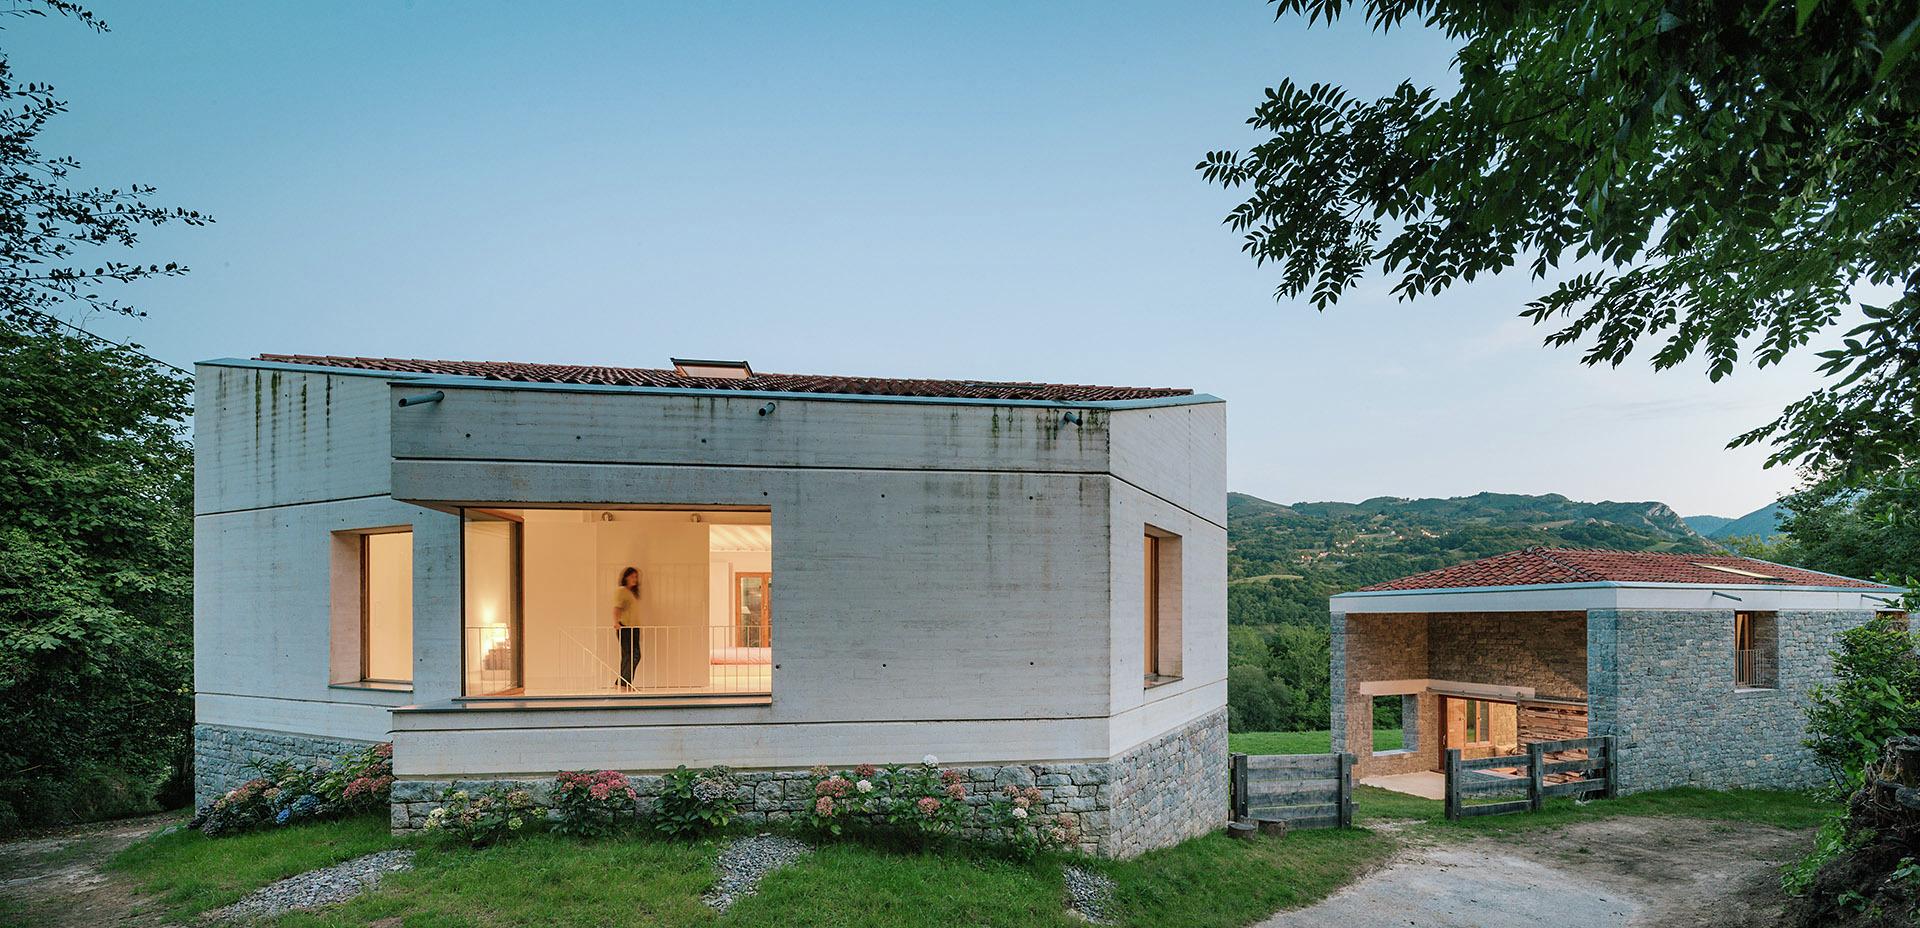 Tmolo house pyo arquitectos archdaily for Casa de arquitectos